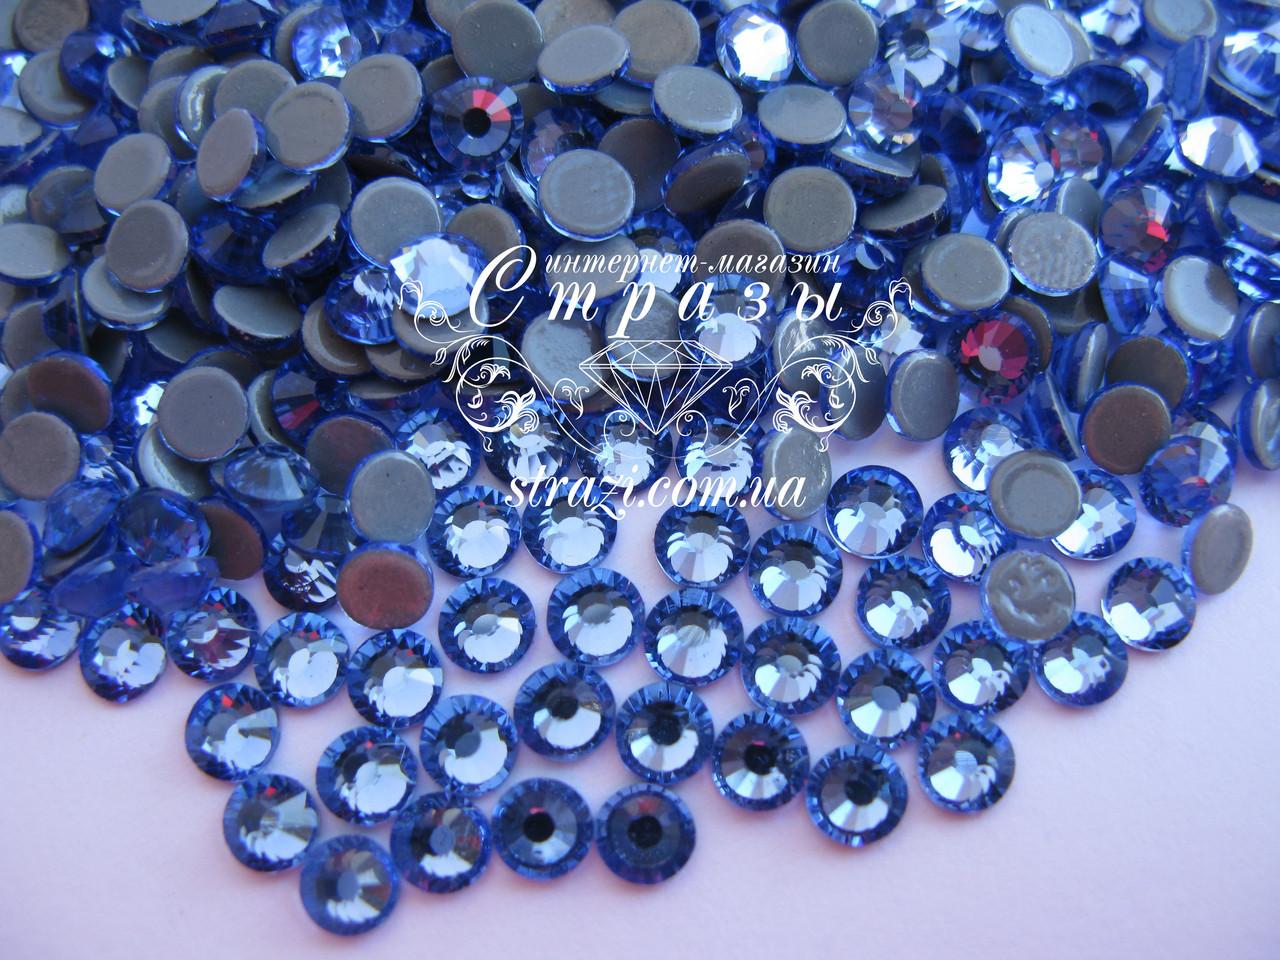 Термо стразы Lux ss16 Lt.Sapphire (4.0mm) 1440шт